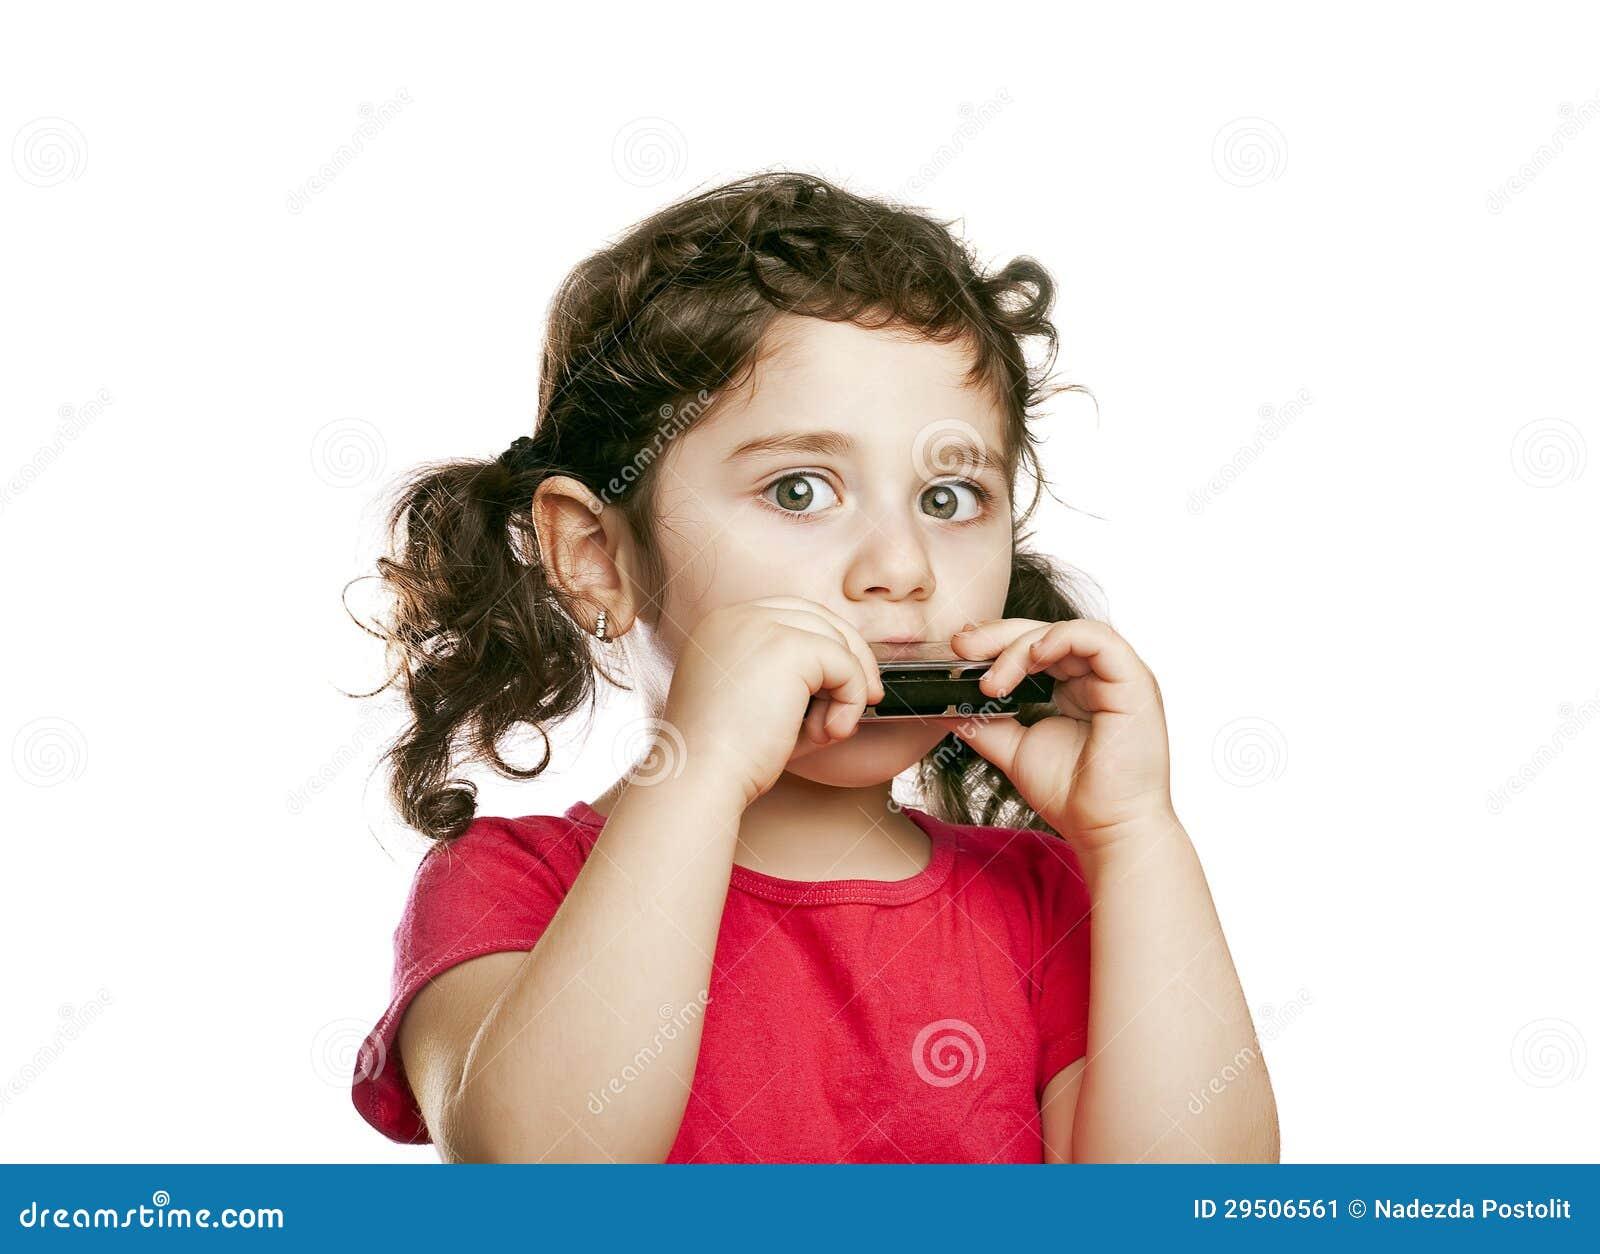 Klein meisje met harmonika